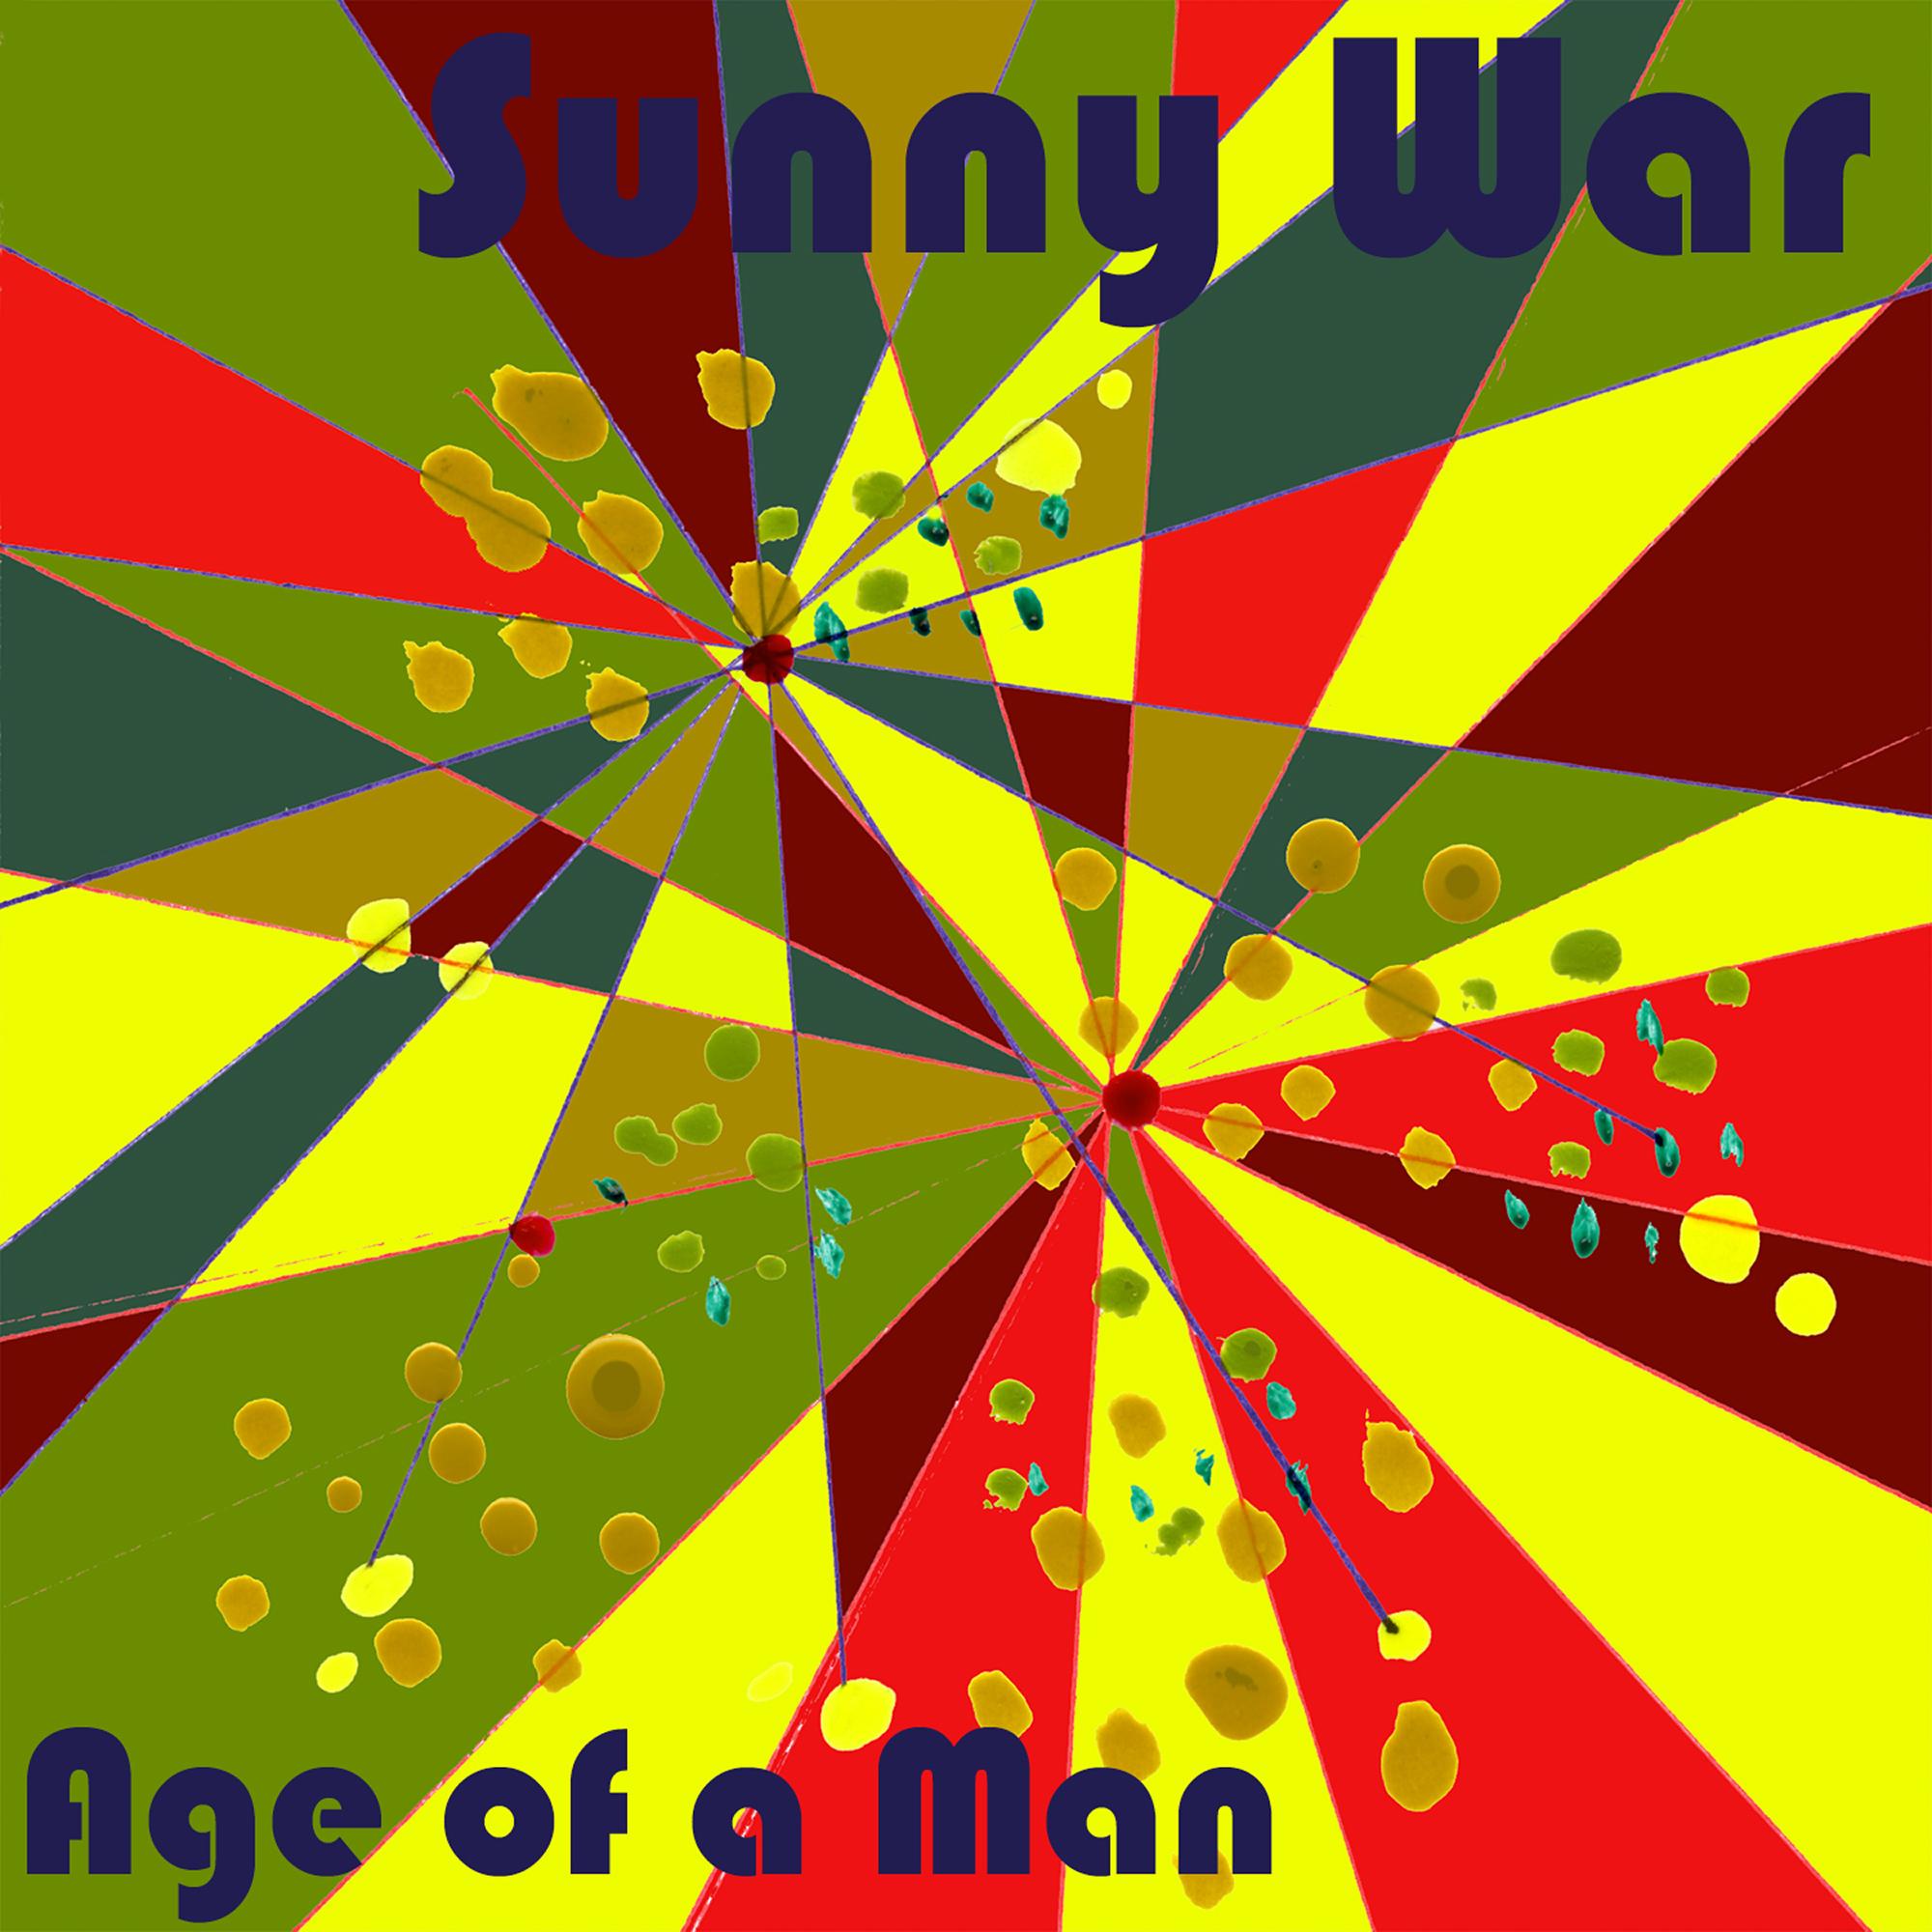 sunny war cover_final_USE (1).jpg